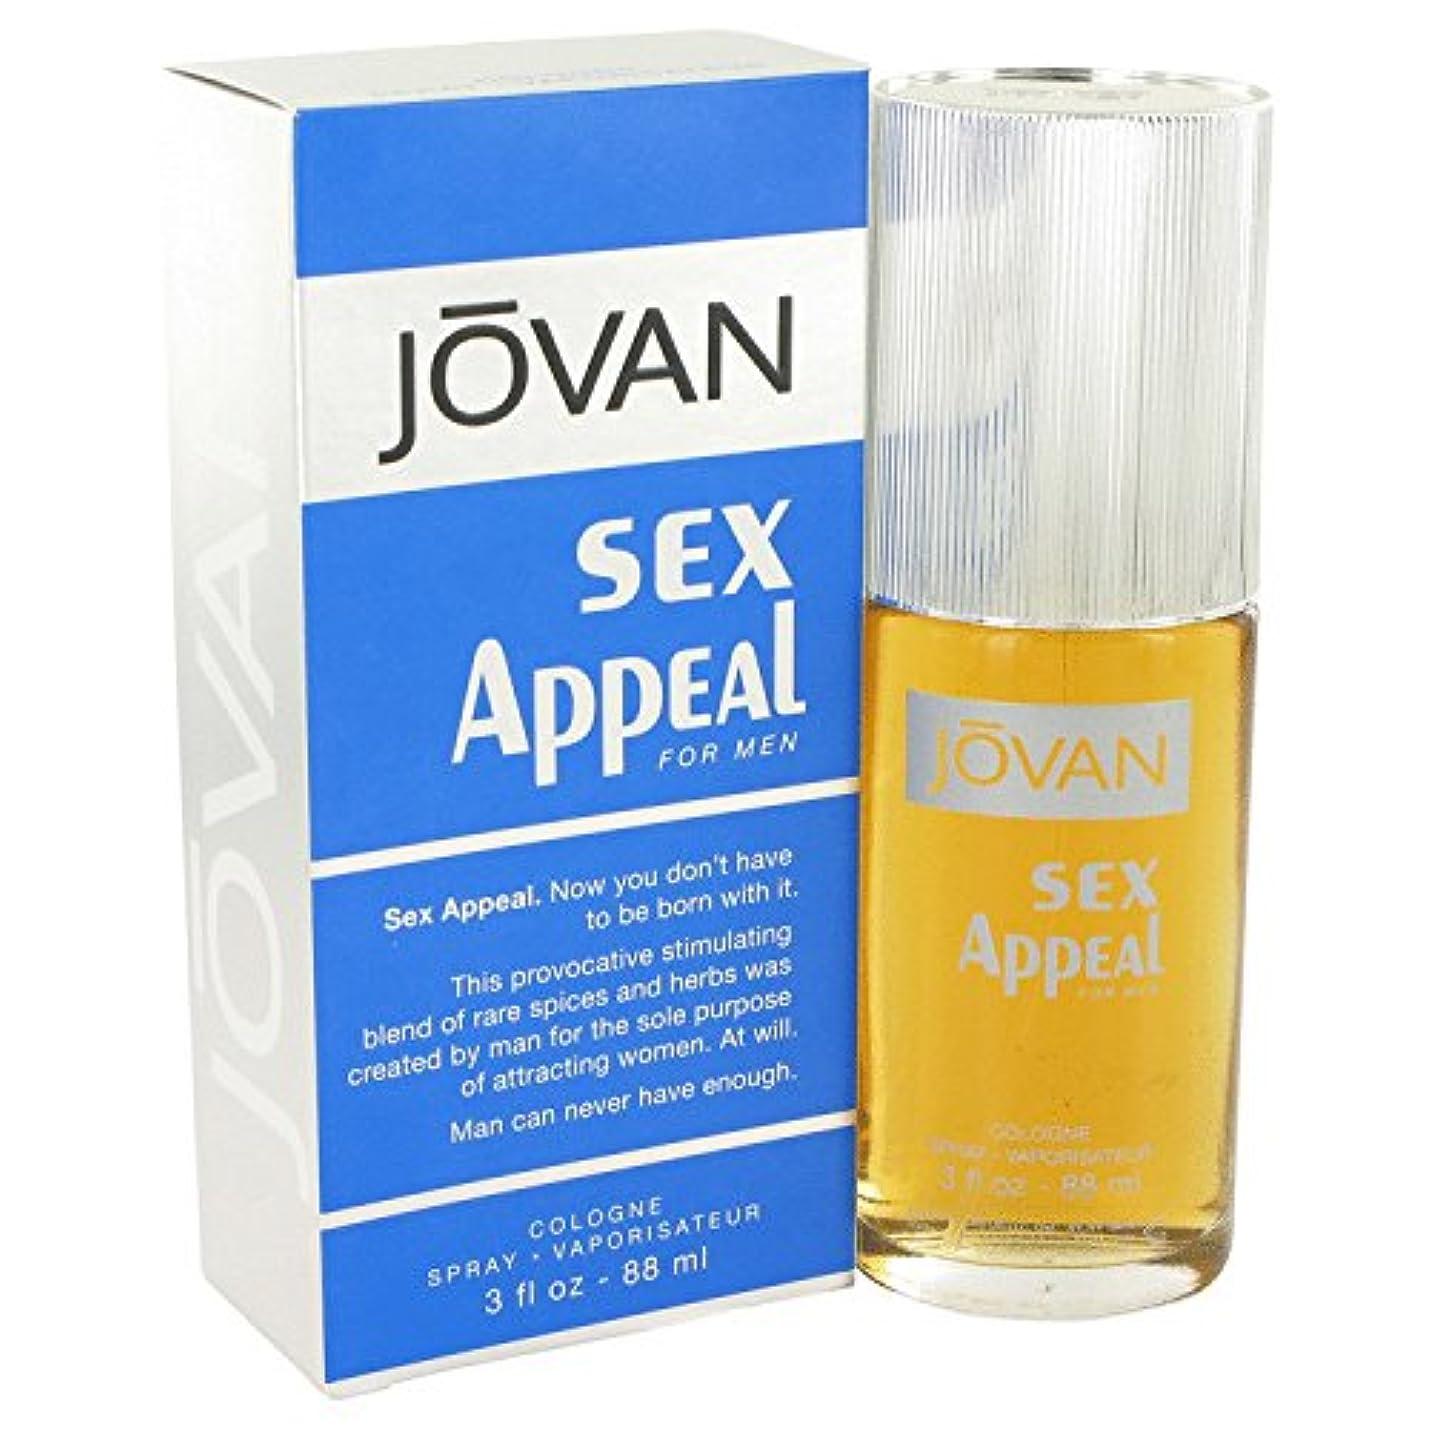 才能のある順応性のある遠征【ジョーバン】セックスアピール EDC?SP 88ml (並行輸入品)